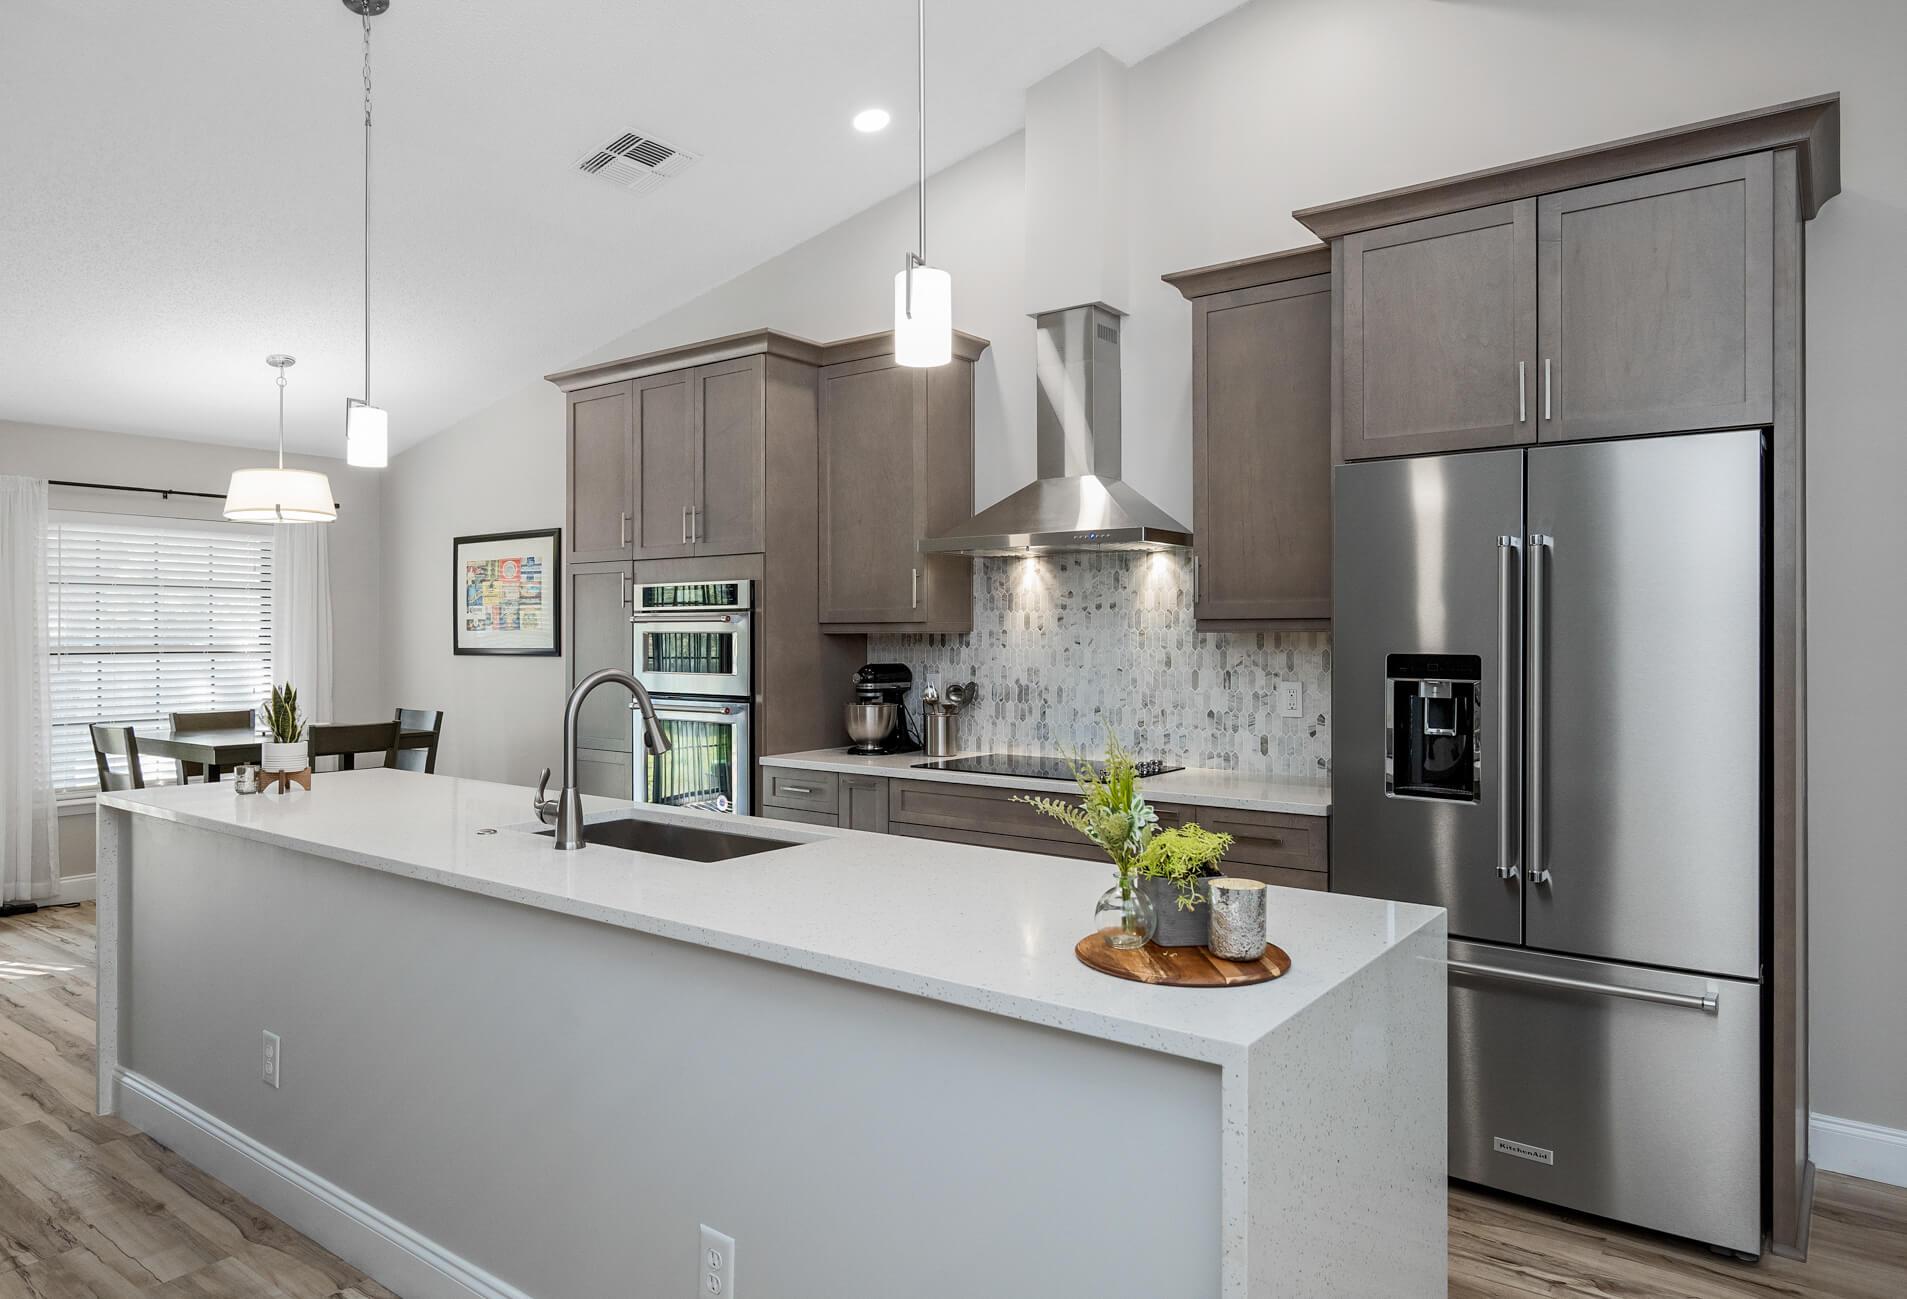 Modern Kitchen and Flooring Update